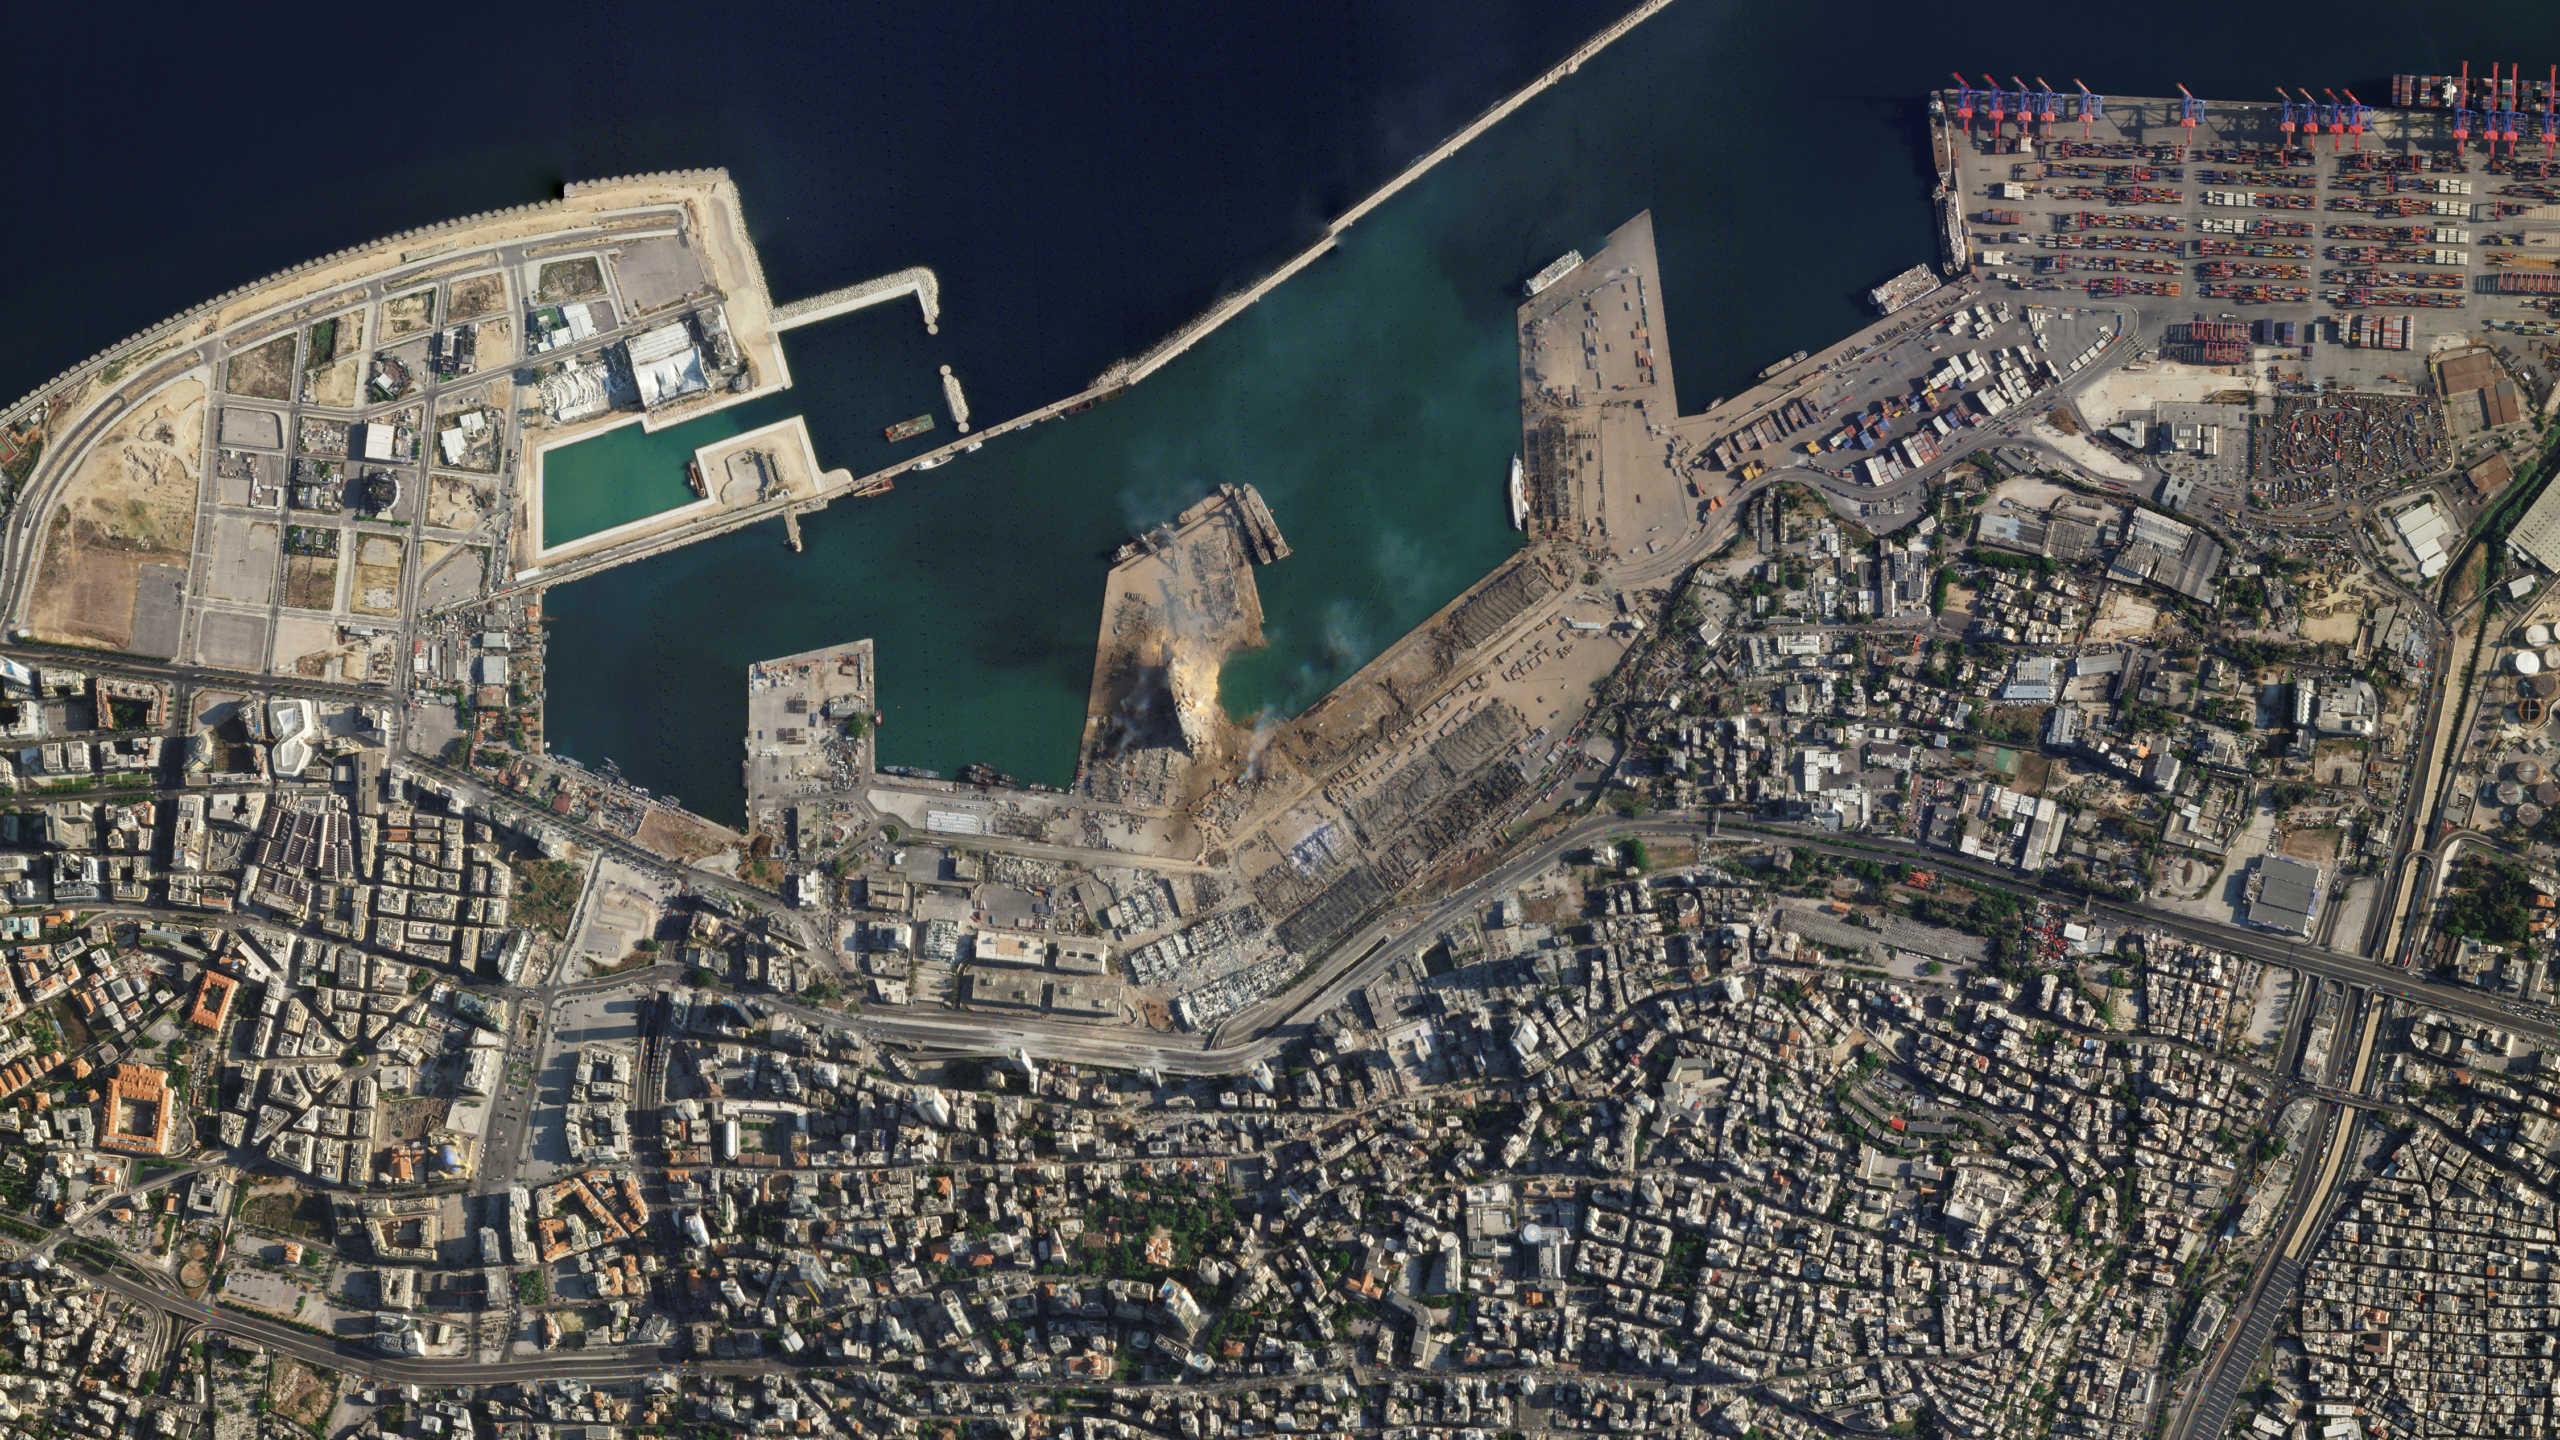 Βηρυτός: Κρατήρας 43 μέτρων από τις κολοσσιαίες εκρήξεις! Παραιτήθηκε ο υπουργός ενημέρωσης